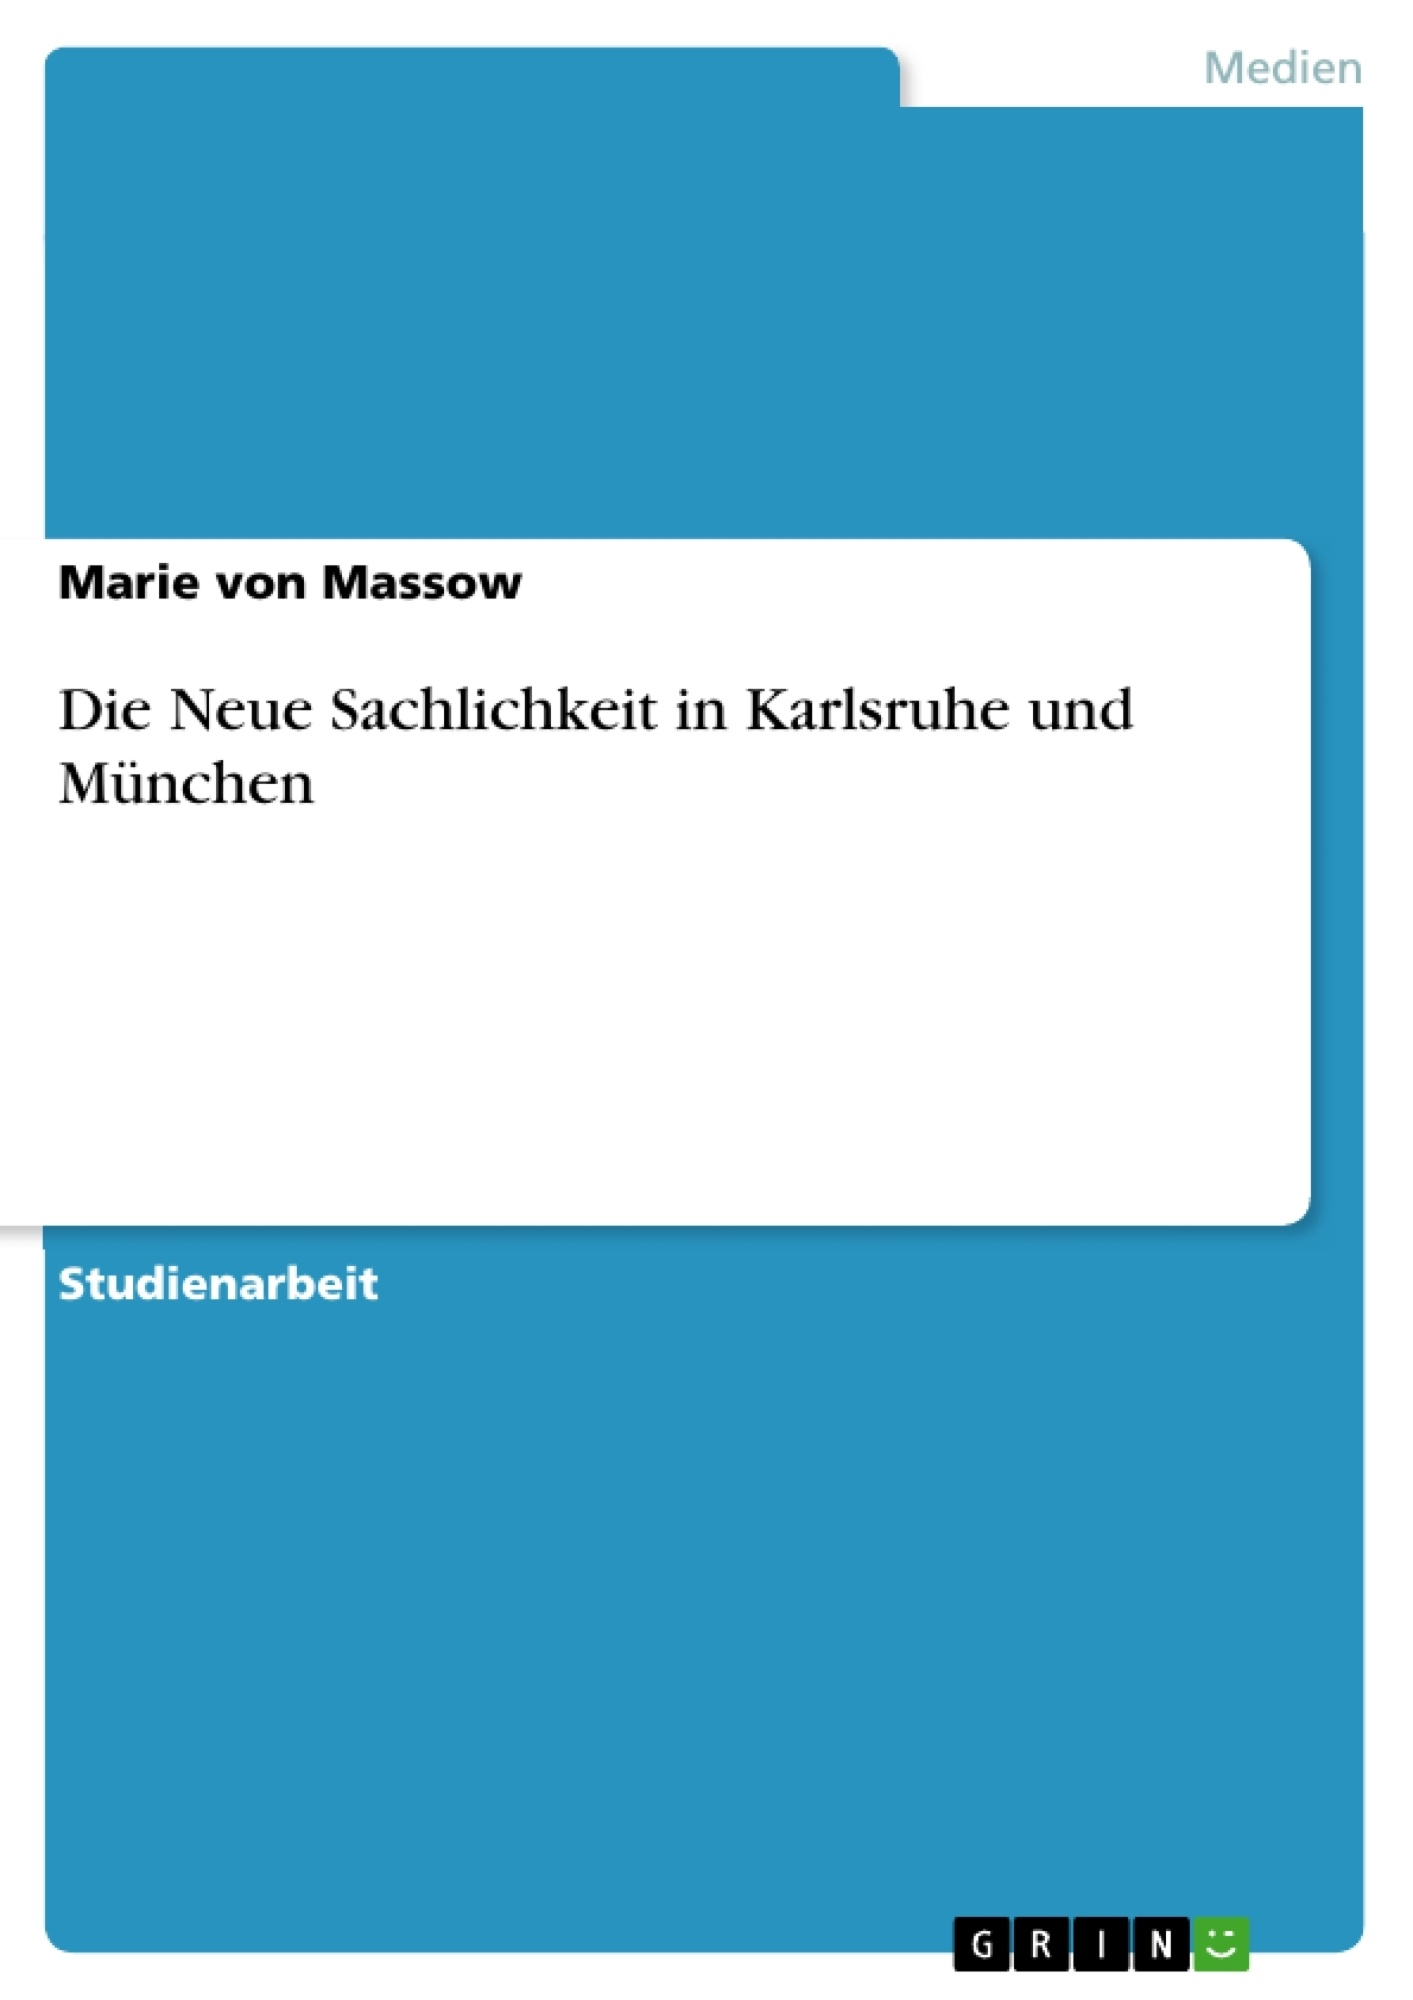 Titel: Die Neue Sachlichkeit in Karlsruhe und München